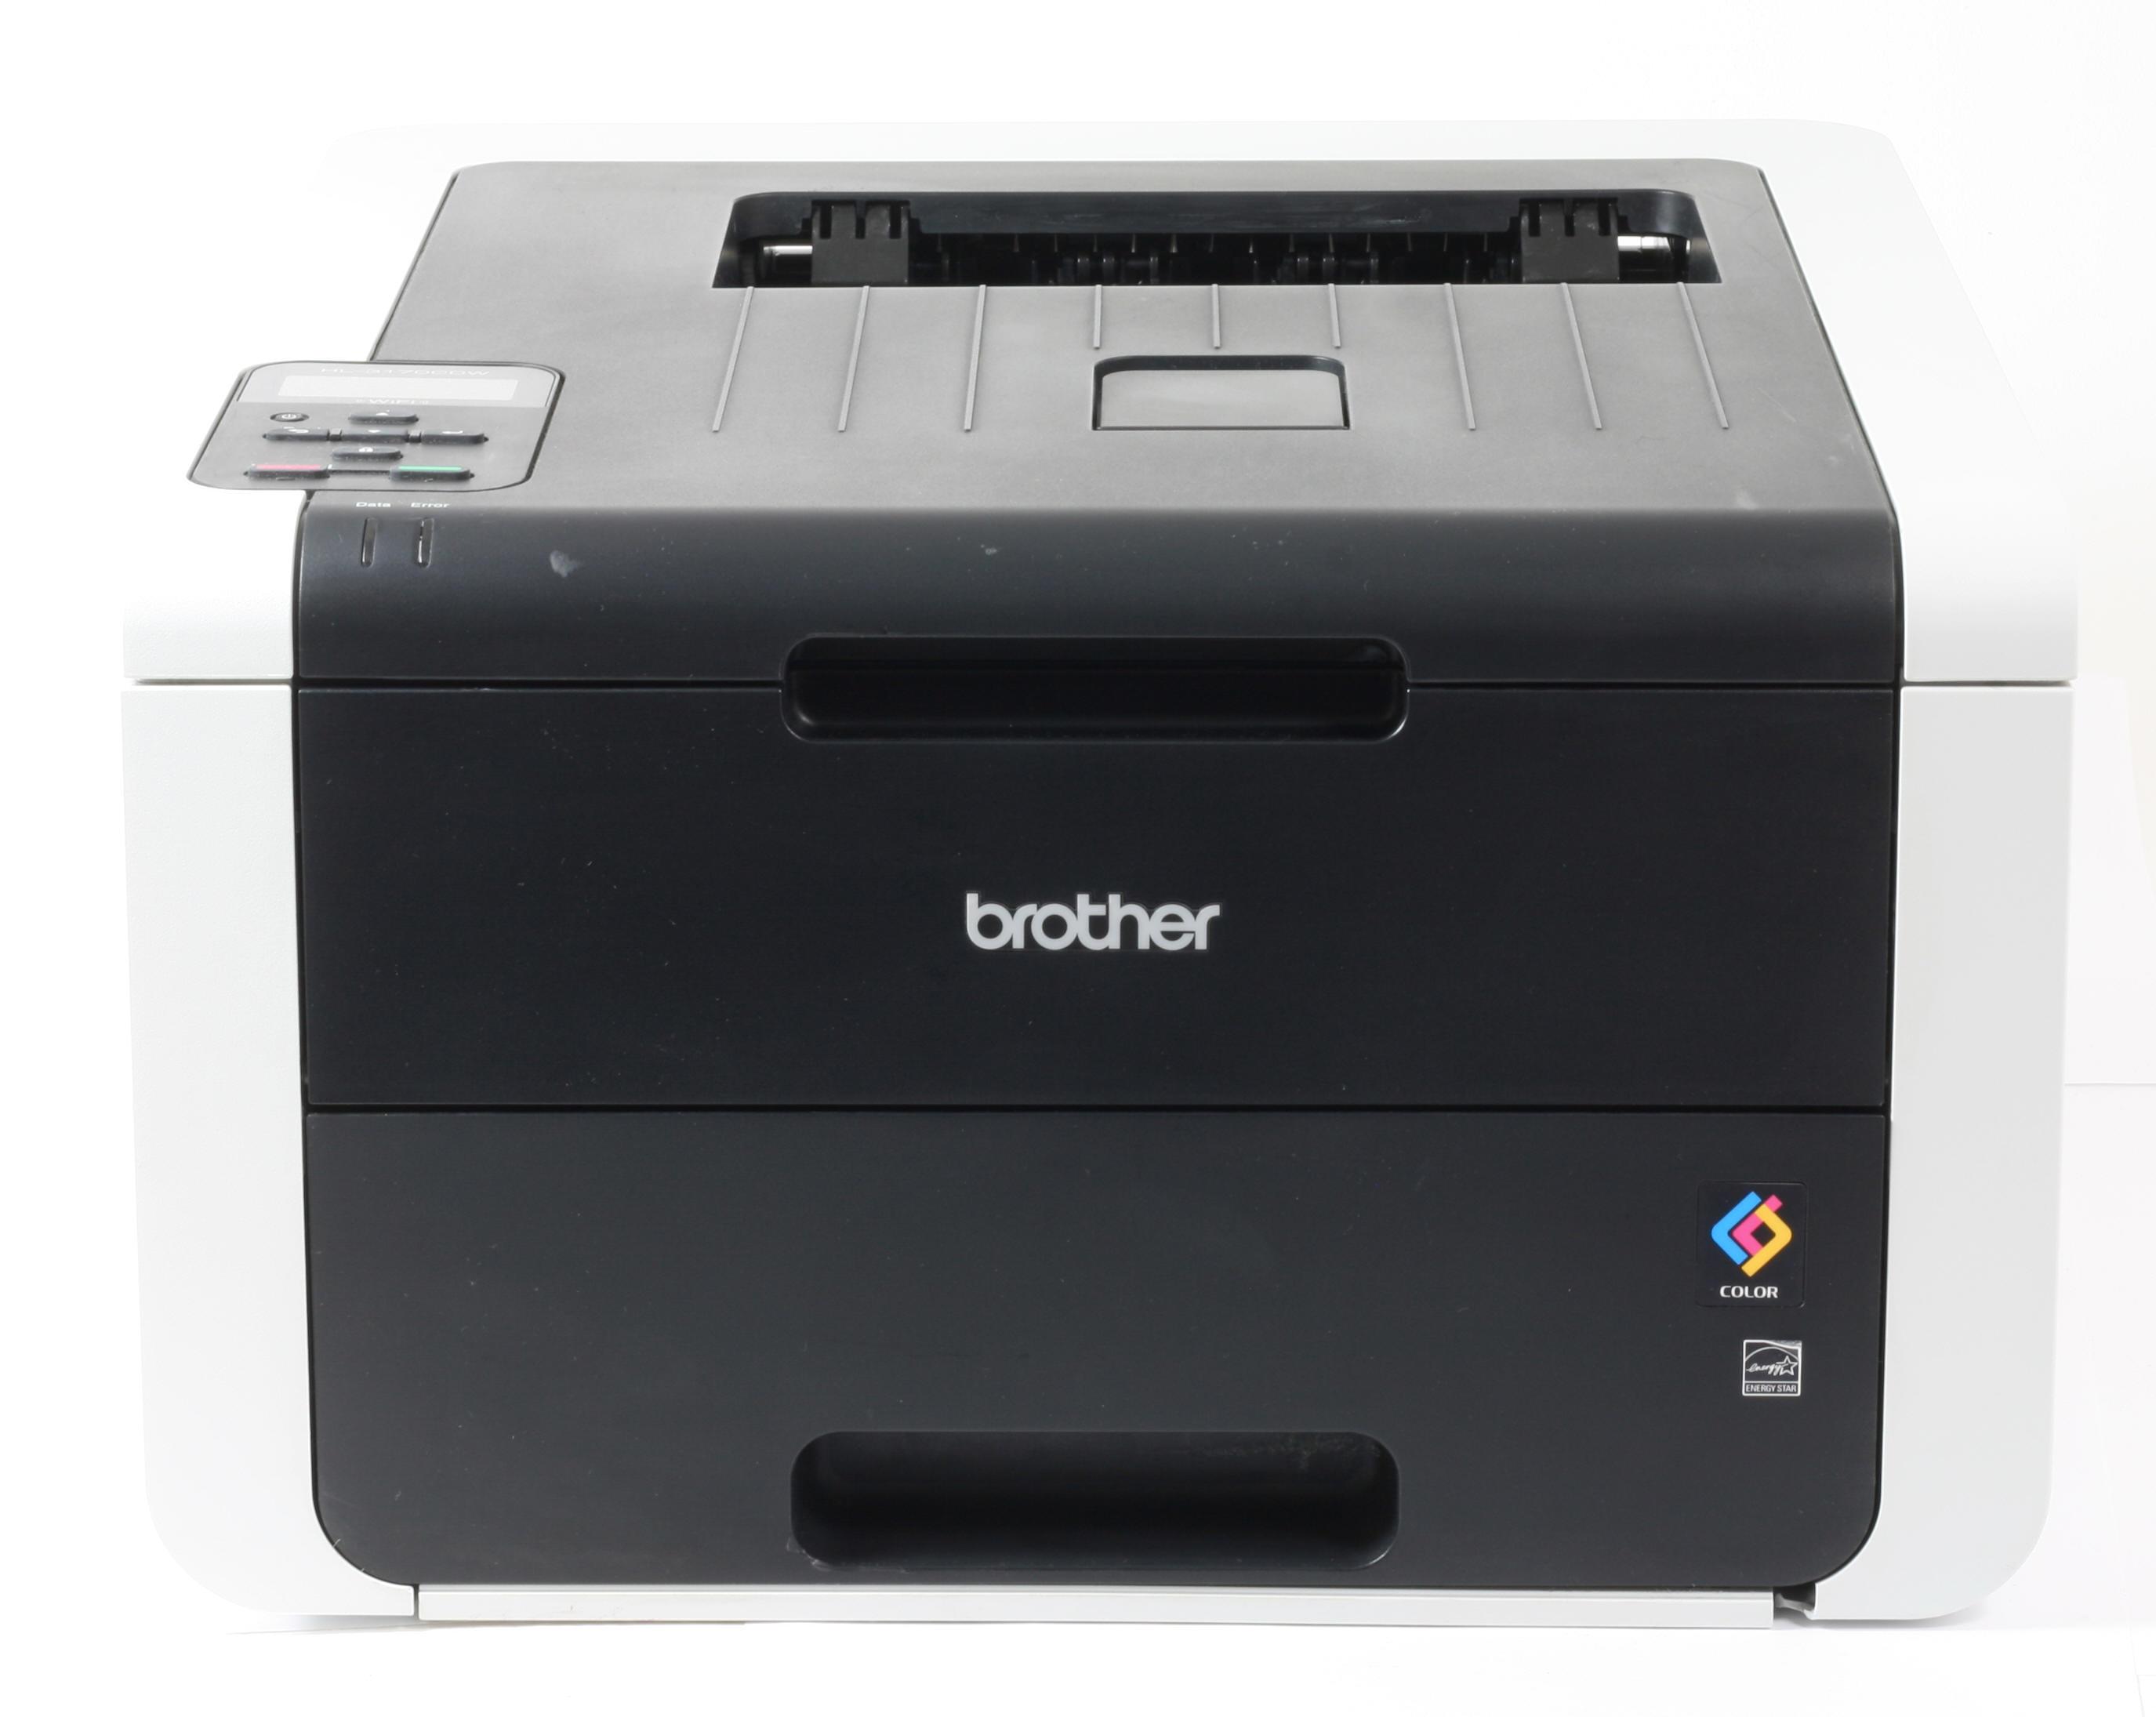 Brother Drucker HL-3170CDW Drucker WLAN WiFi Farblaserdrucker gebraucht unter 20.000 Seiten